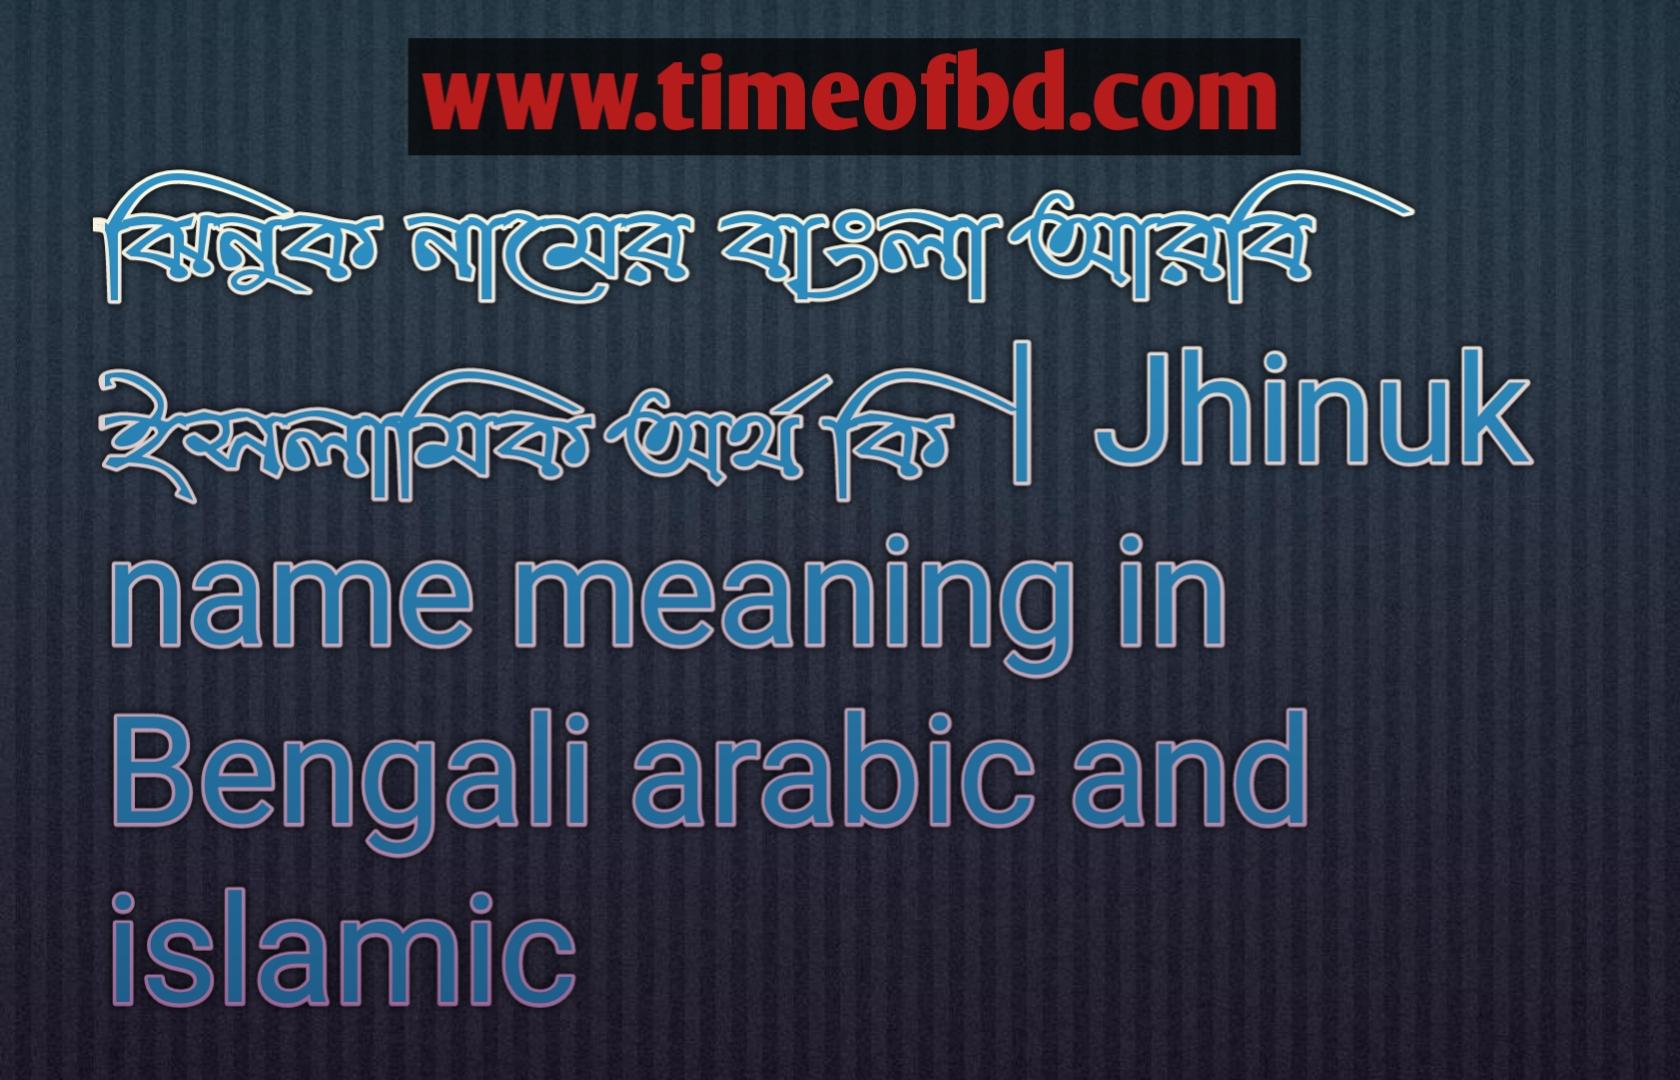 ঝিনুক নামের অর্থ কি, ঝিনুক নামের বাংলা অর্থ কি, ঝিনুক নামের ইসলামিক অর্থ কি, Jhinuk name meaning in Bengali, ঝিনুক কি ইসলামিক নাম,